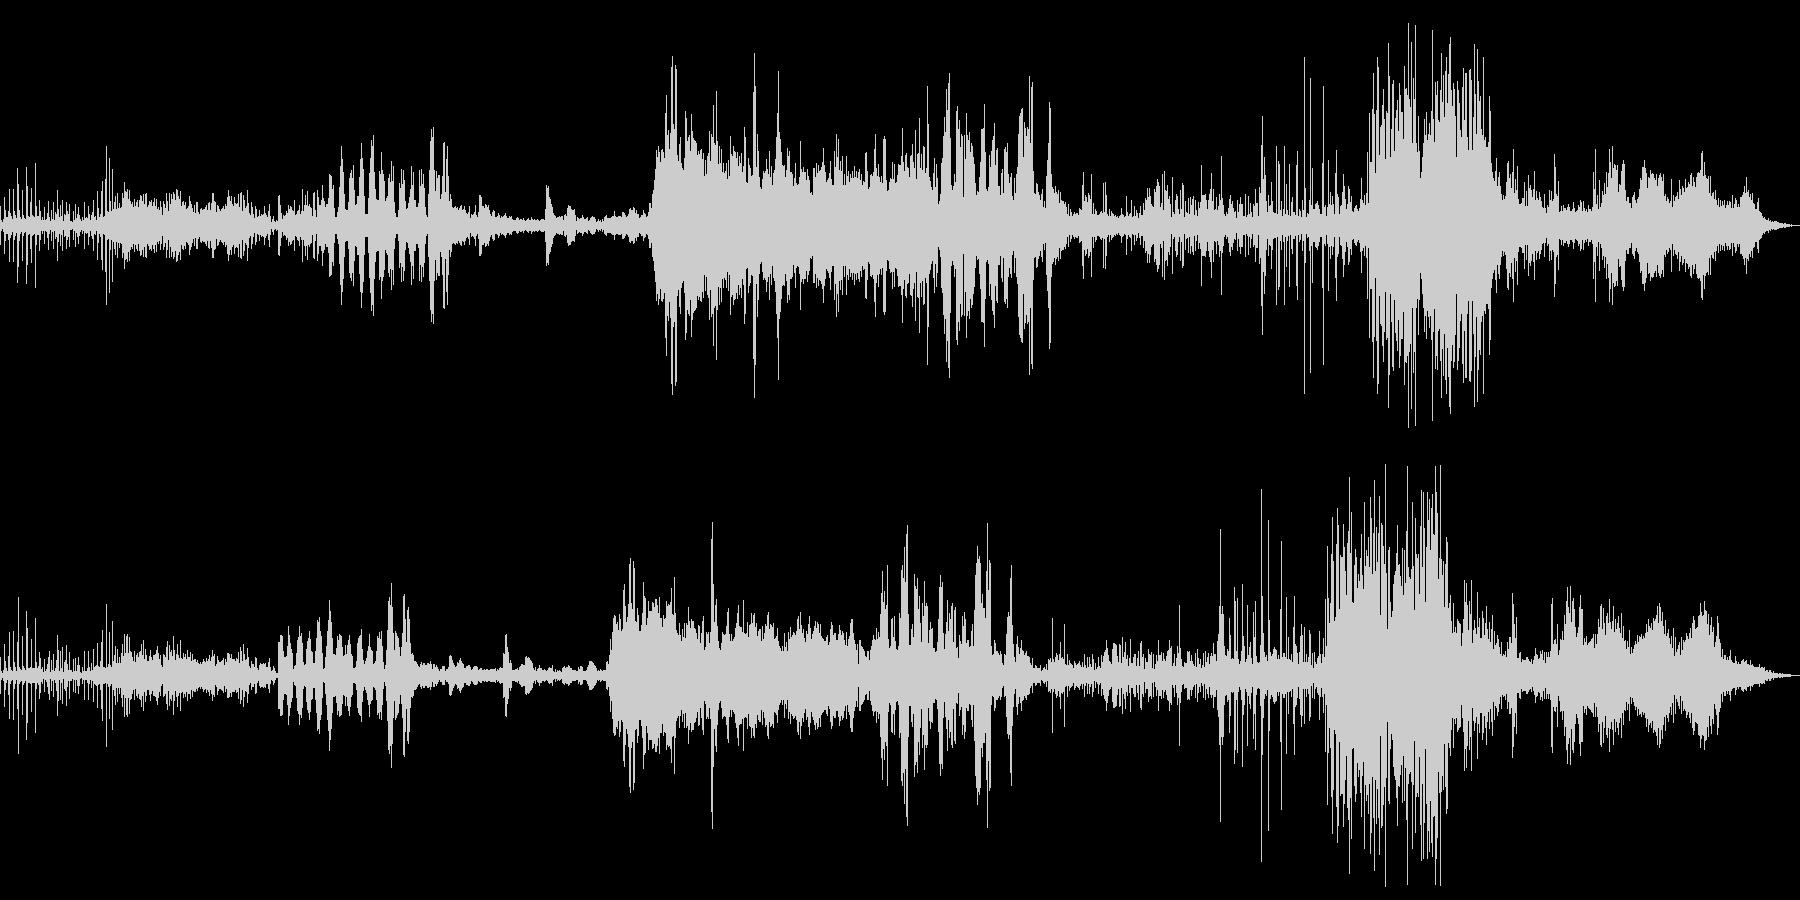 長い道のりミュージカルパルサーの未再生の波形